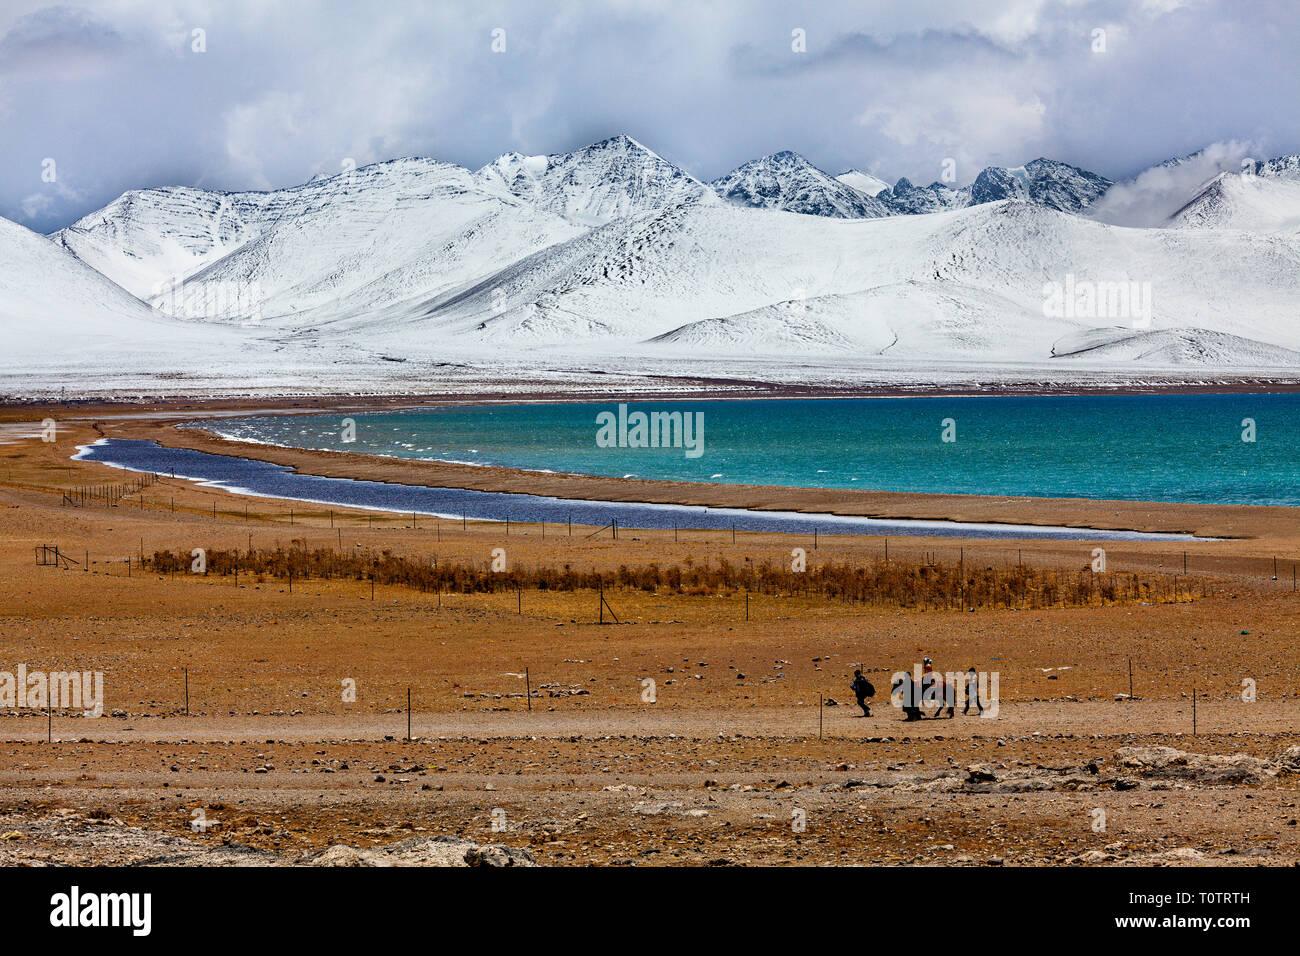 Le sel du Lac Namtso est à 4718m, et le plus haut lac du monde. Vues à partir de la campagne d'Tashi Dor. Le Tibet, la Chine. Photo Stock